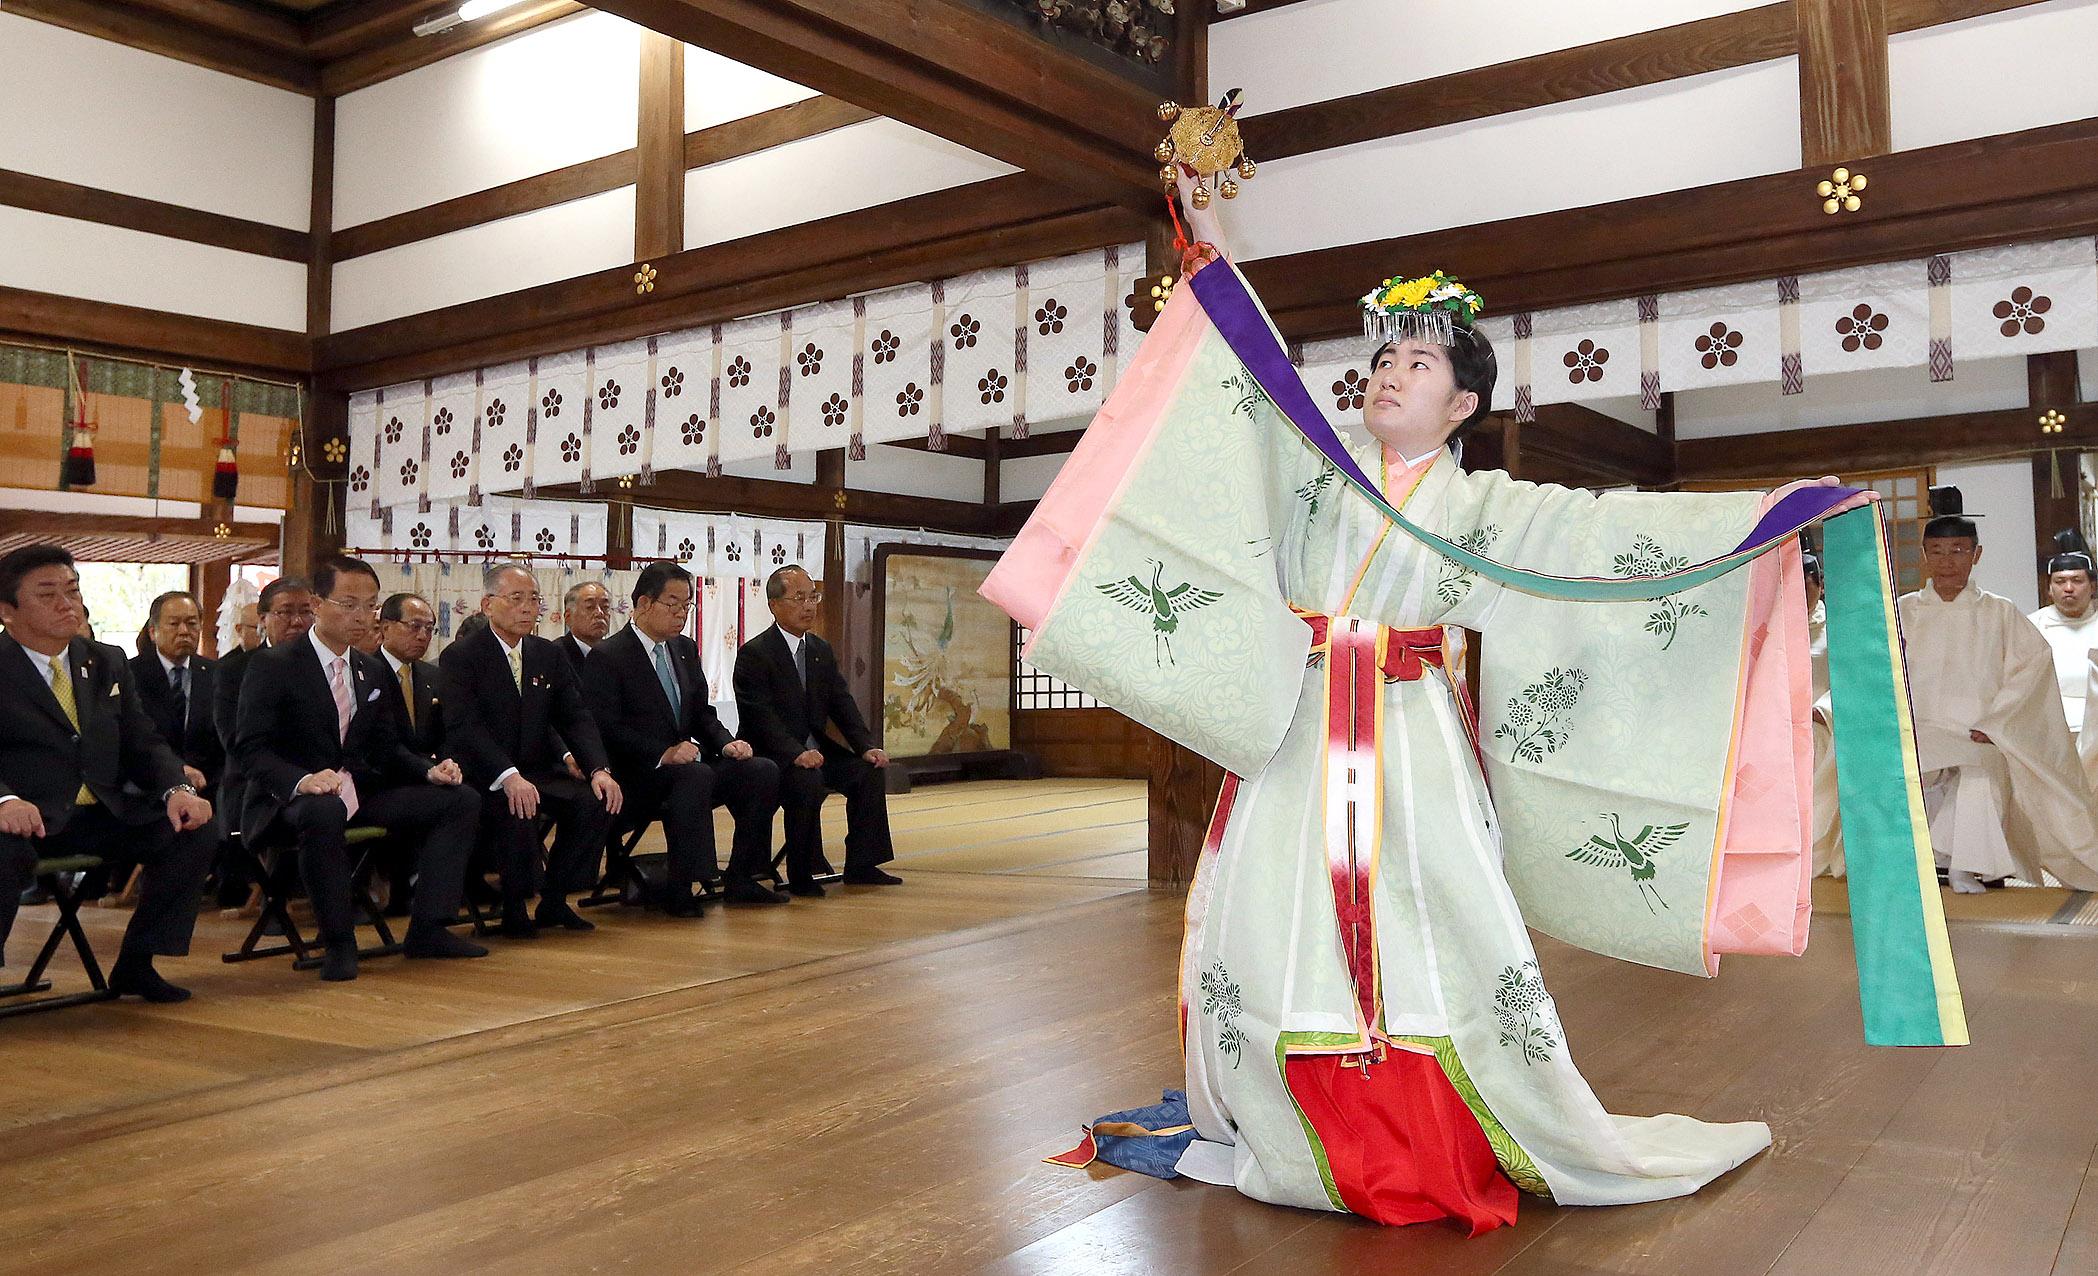 舞を踊る巫女=5日午前10時20分、金沢市の尾山神社